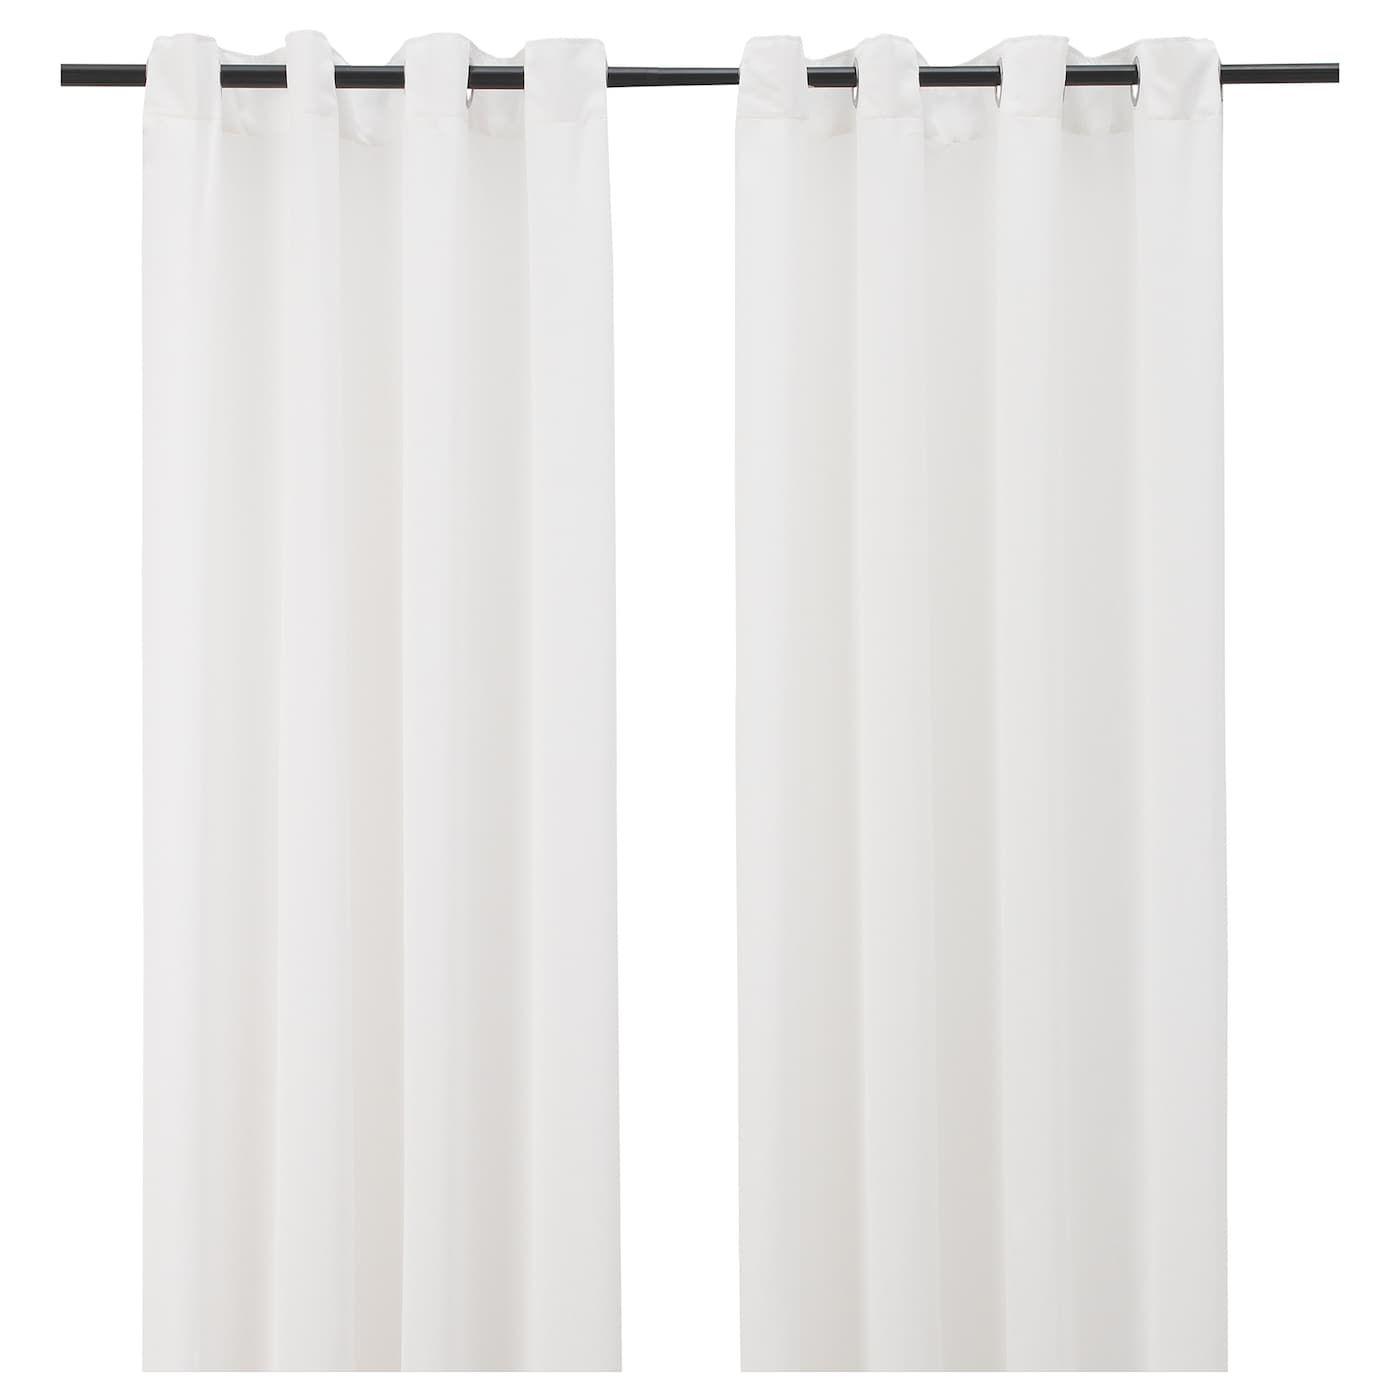 hilja rideaux 2 pieces blanc avec